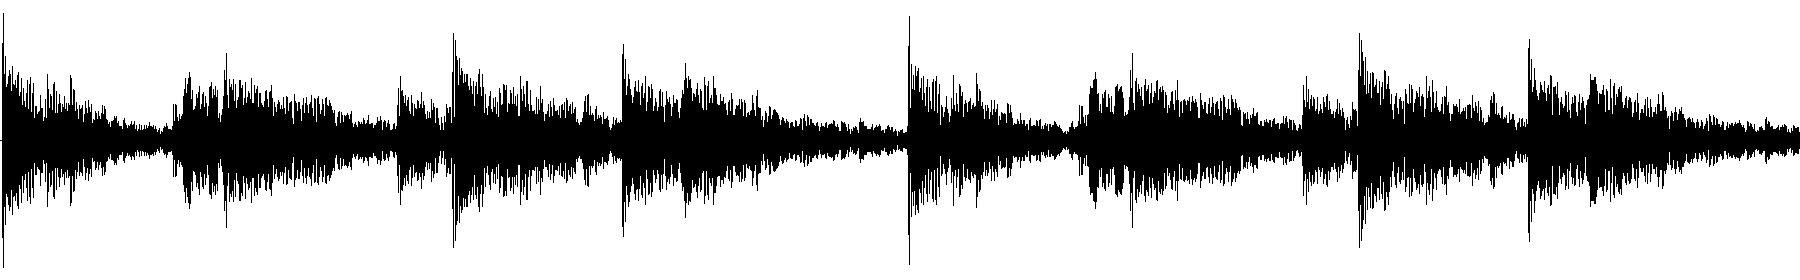 blbc cinedrumsa 95 02